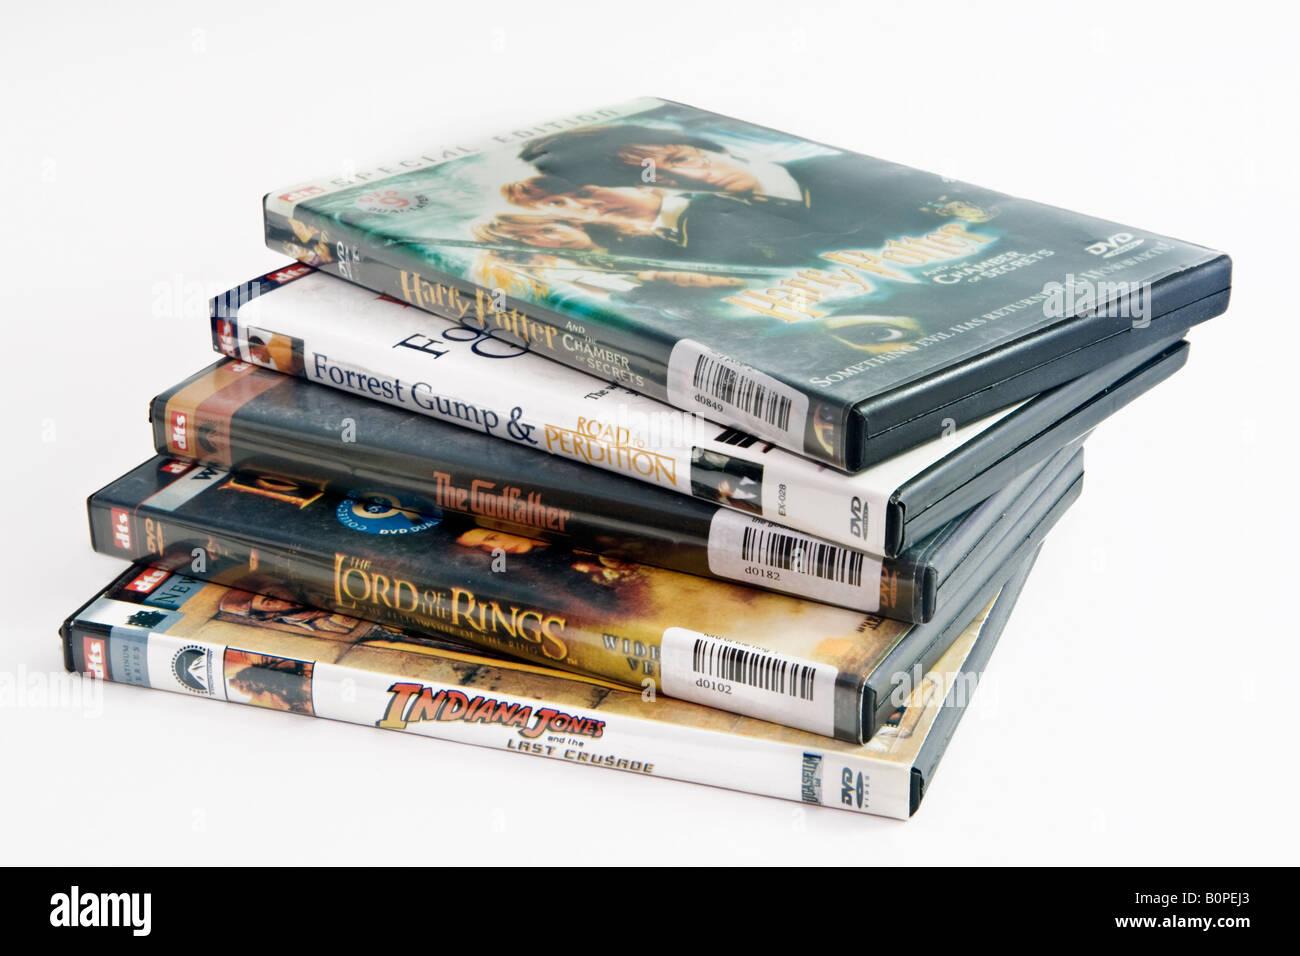 Ein Haufen von raubkopierte DVDs der populären Filmen. Für rechtliche nicht gekaperte DVDs B83XE3 suchen Stockbild